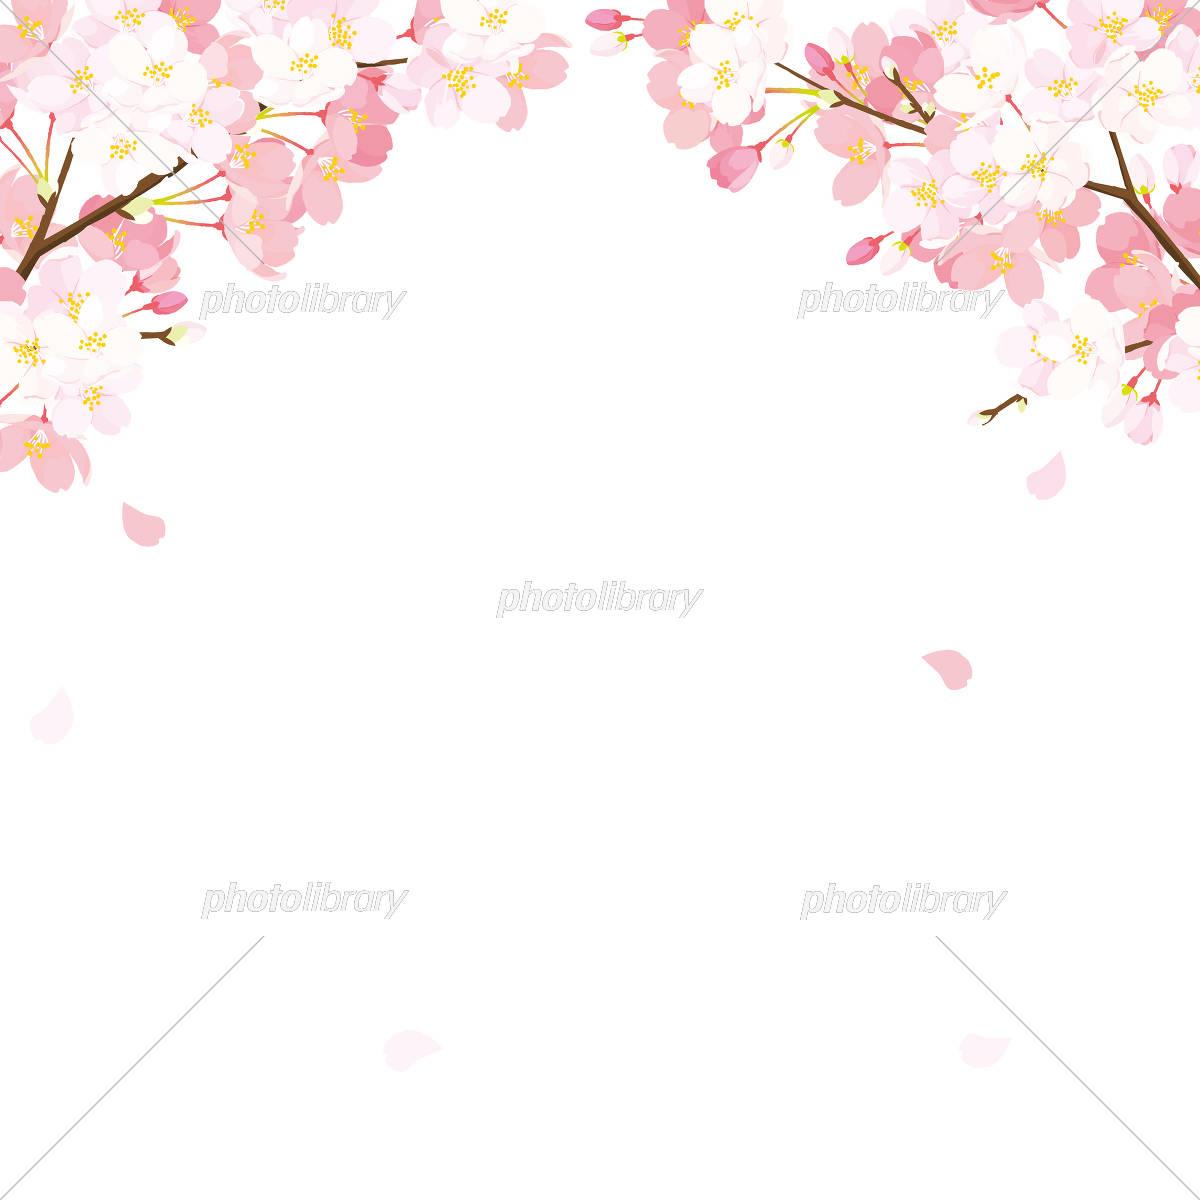 桜 背景イラスト イラスト素材 [ 5334555 ] - フォトライブラリー